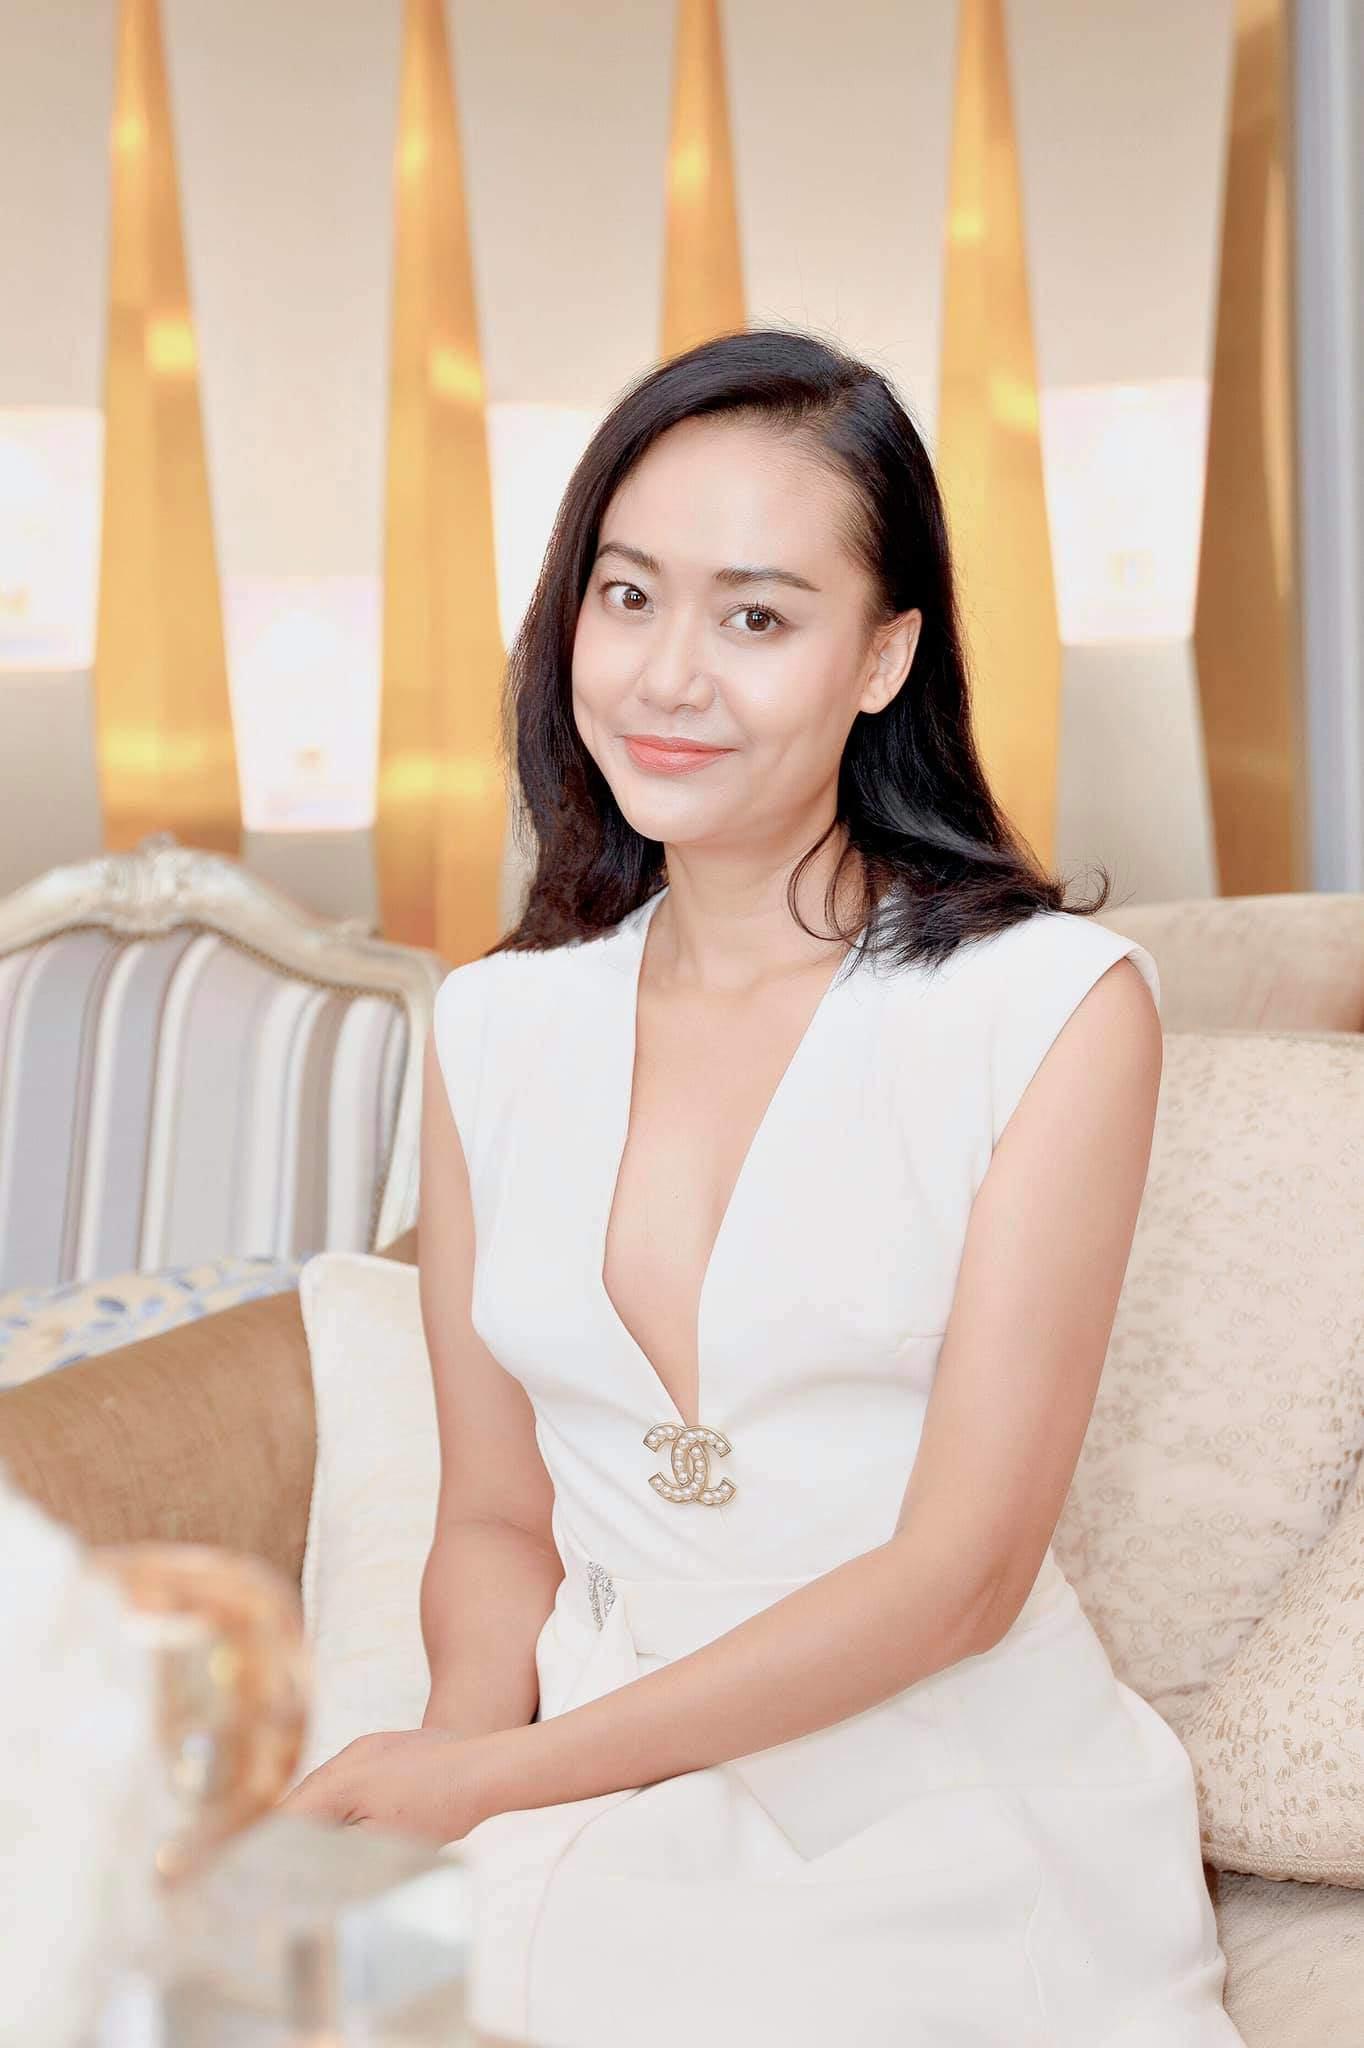 Nhan sắc mỹ nhân Tiệc trăng máu: Hồng Ánh đẹp từ thuở 20, Thu Trang thăng hạng nhờ thẩm mỹ - Hình 10